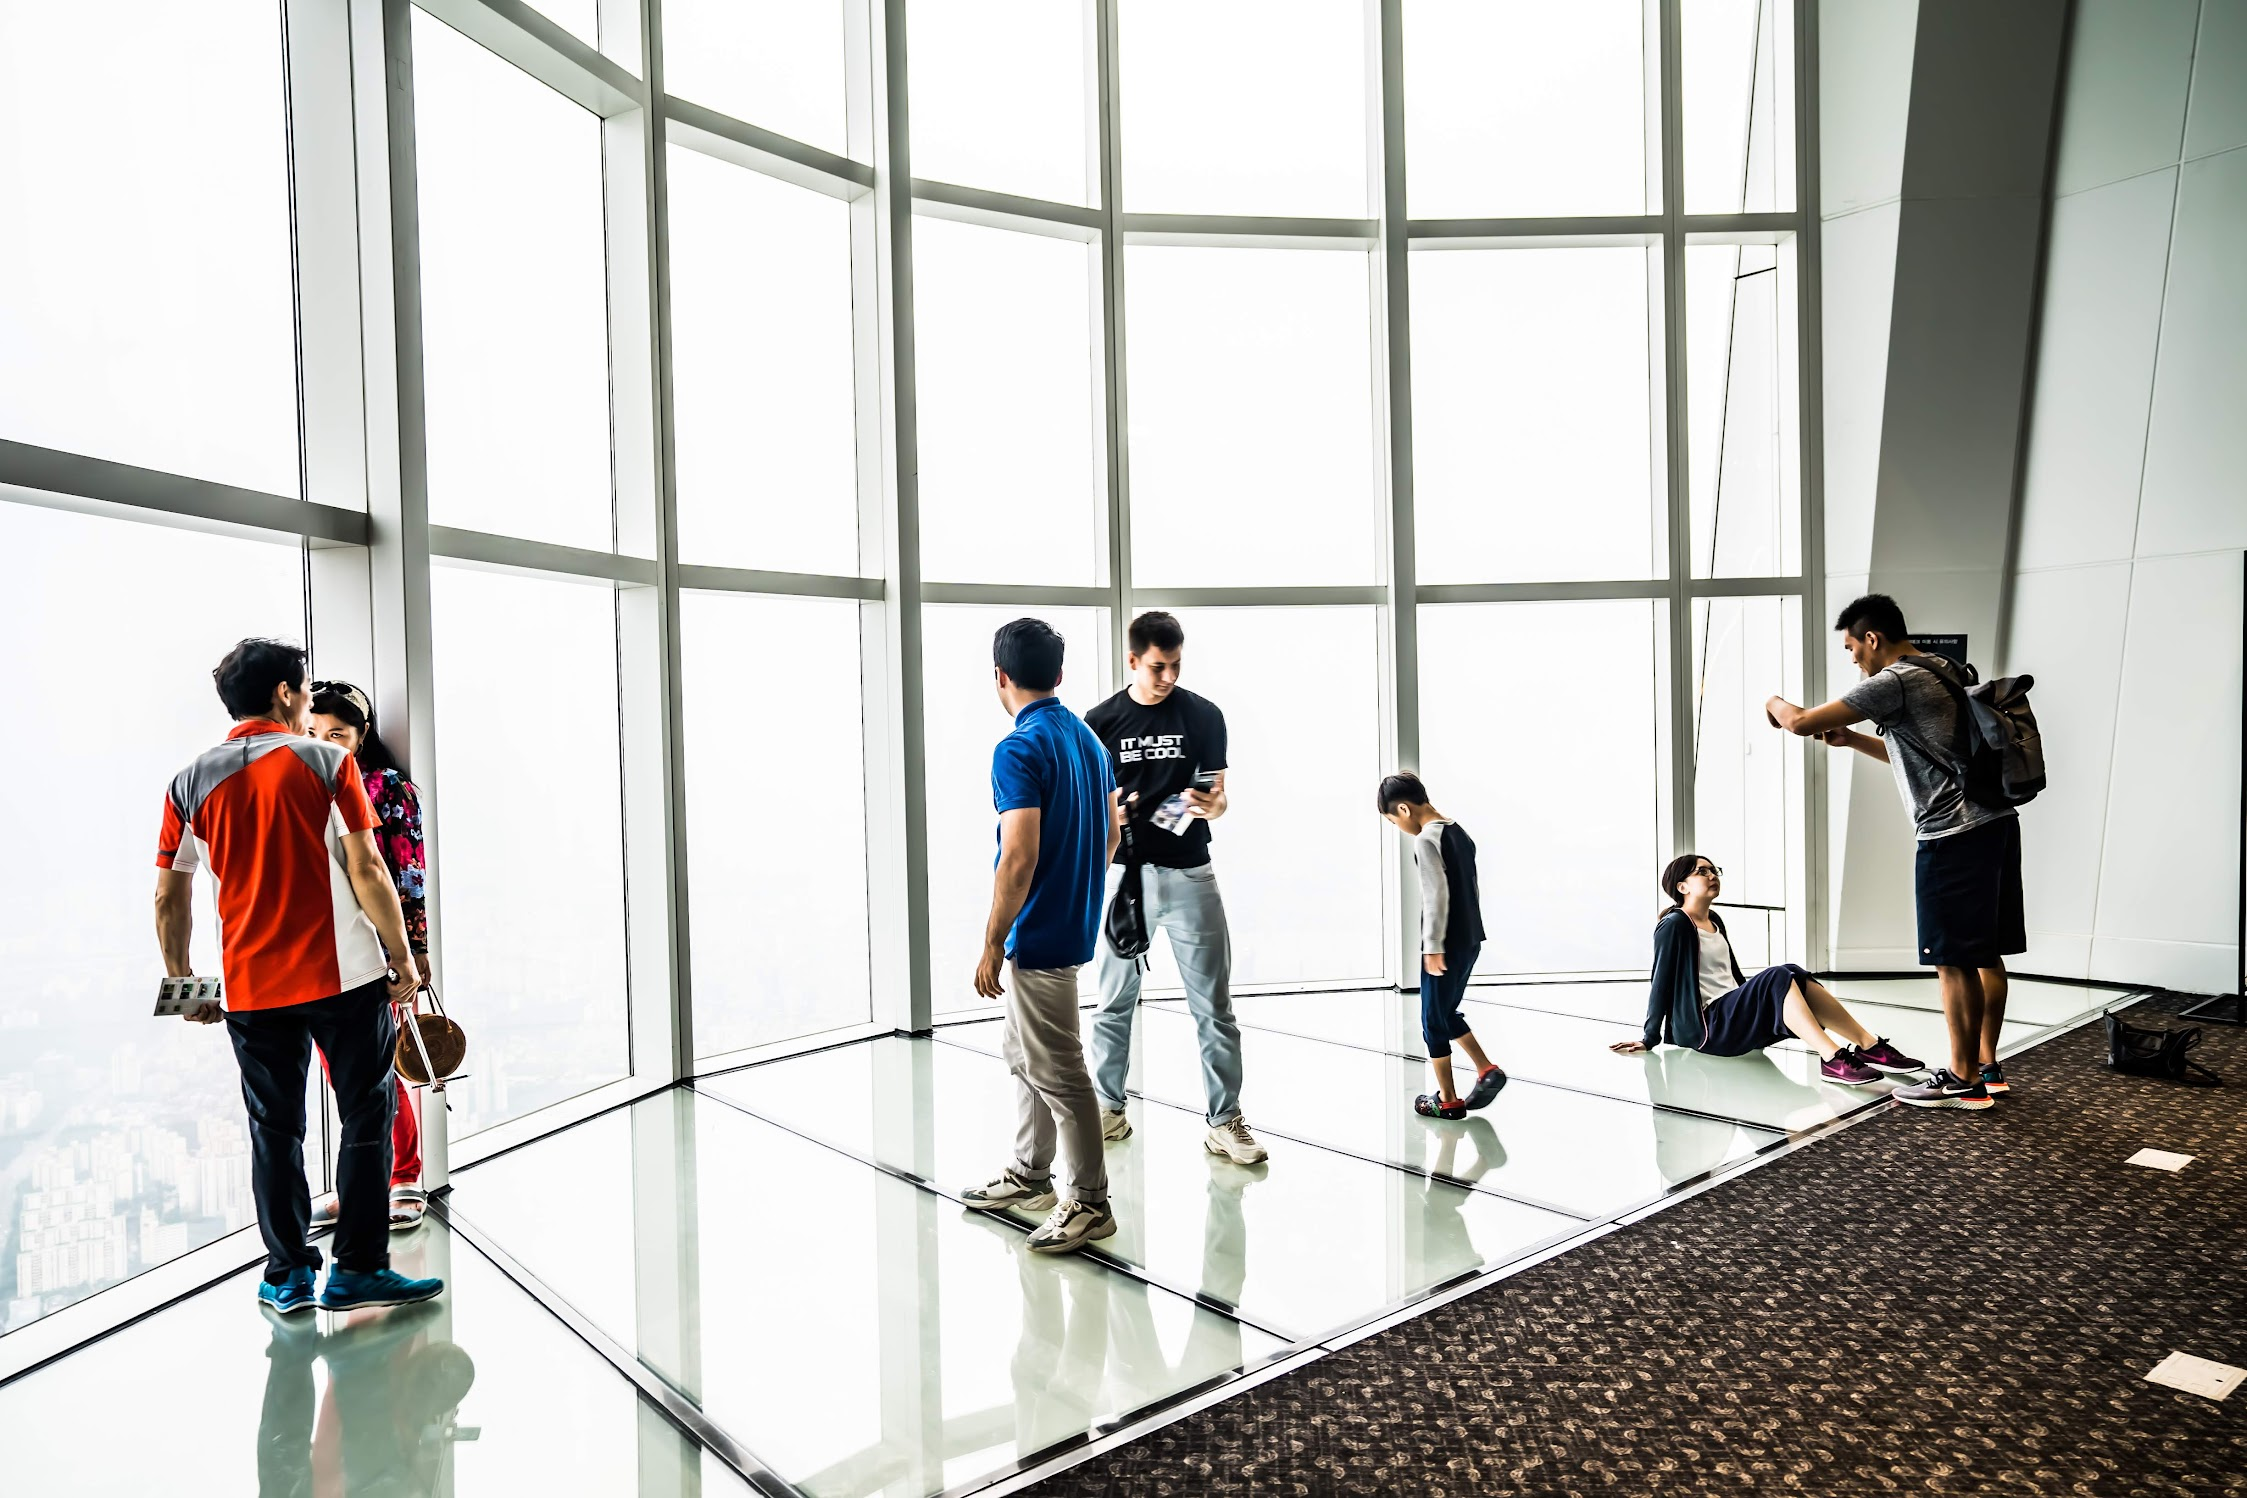 Lotte World Tower Observation Deck1